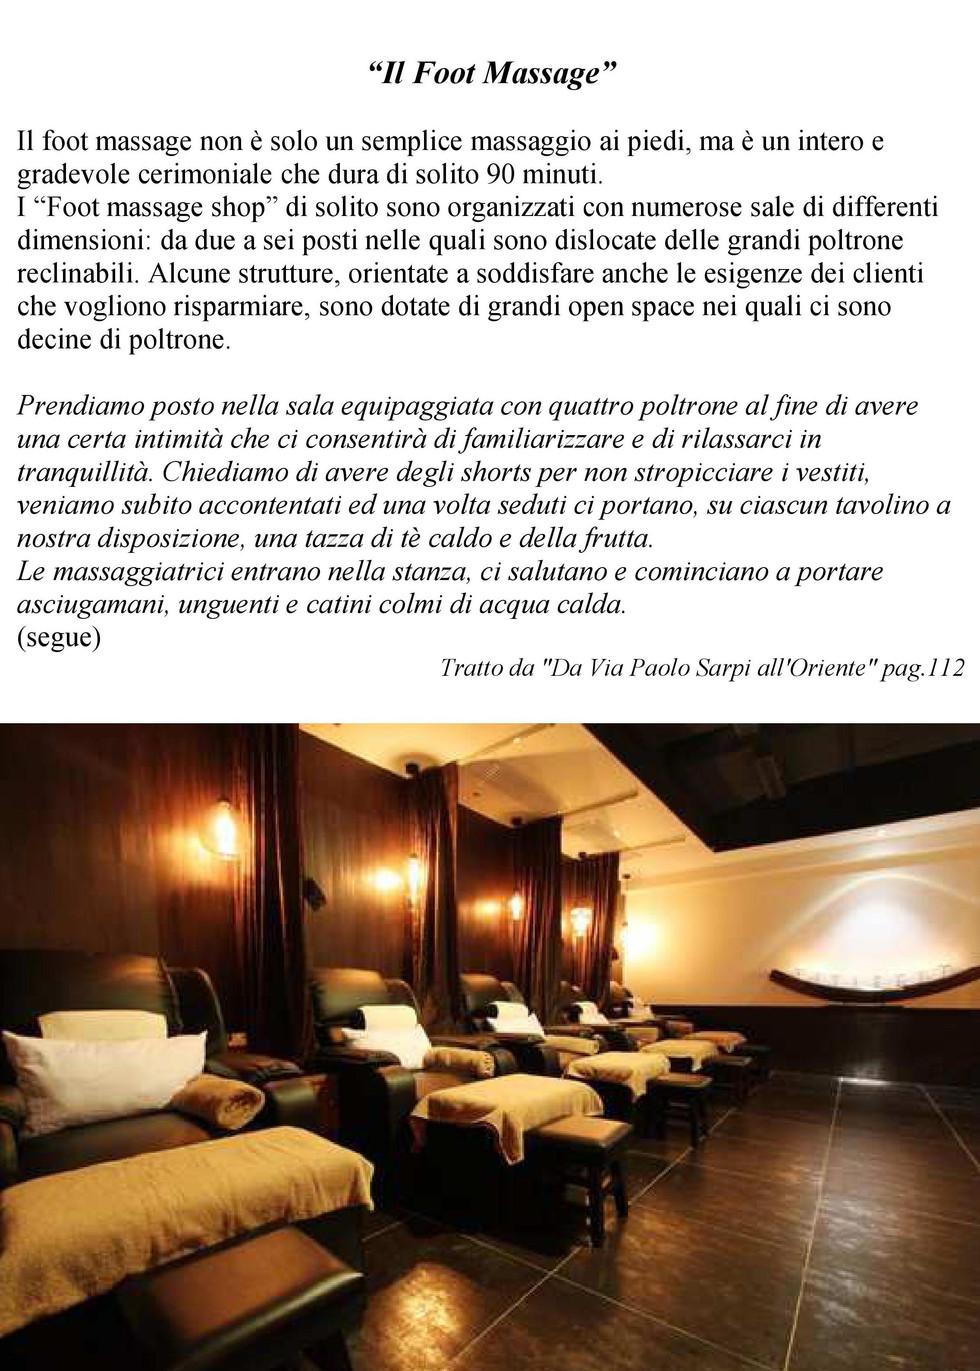 9 Poster Il foot massage.jpg